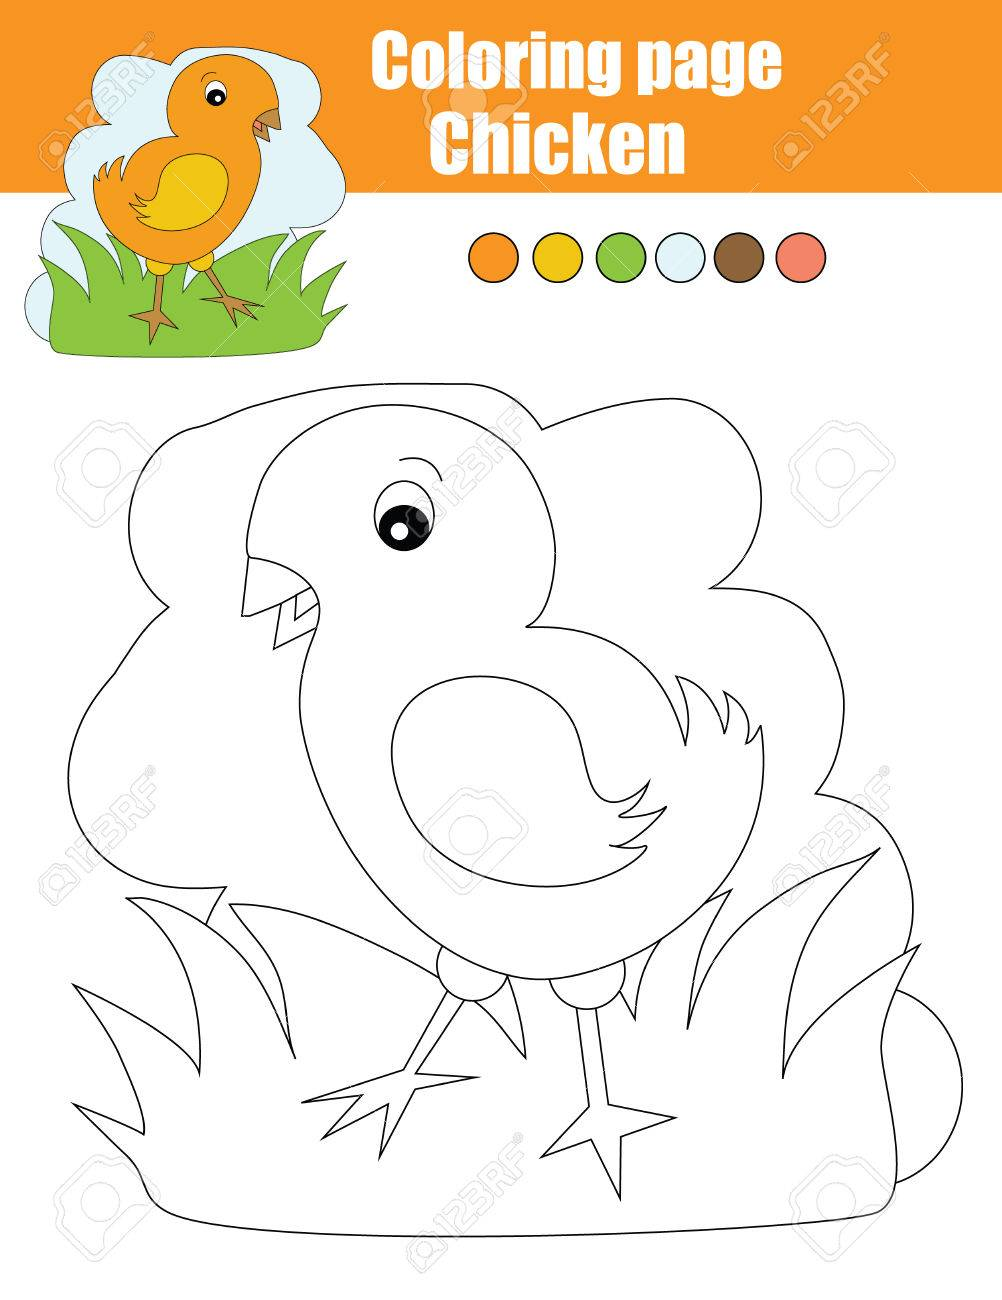 Dibujo Para Colorear Con Pollo. Dibujo Infantil Actividad. Juego ...